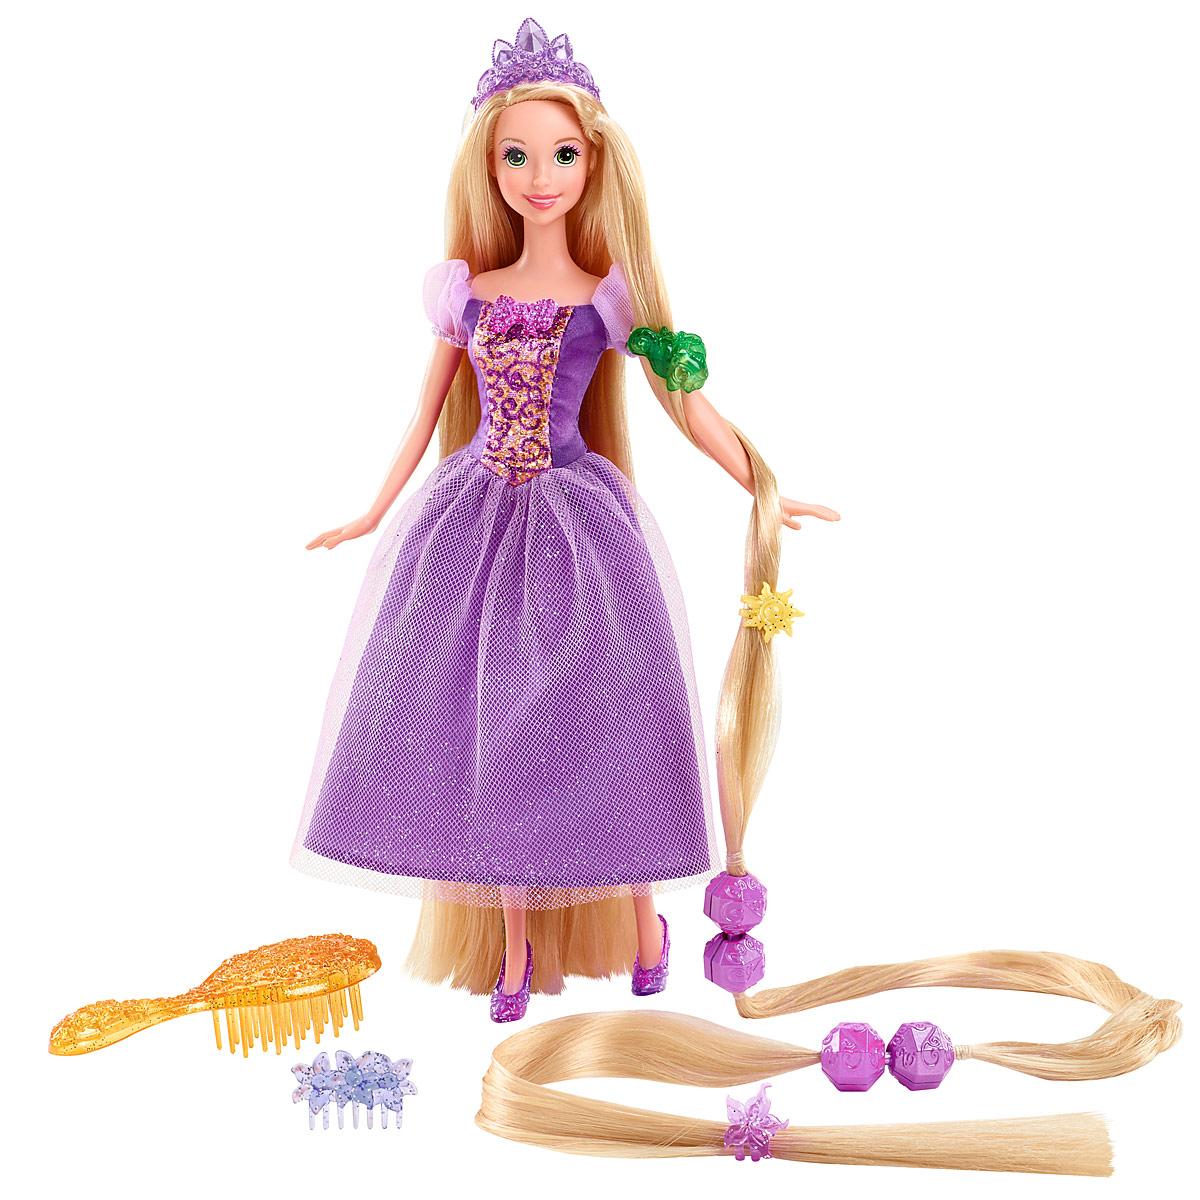 Disney Princess Кукла Рапунцель цвет платья сиреневыйY0973Кукла Disney Princess Рапунцель поможет вашей малышке окунуться в сказочный мир. Куколка выполнена в виде главной героини мультфильма одноименного мультфильма. Она одета в длинное шикарное платье, на ногах - красивые туфельки, а на голове - очаровательная диадема. Также в комплект входят расческа, три заколочки, гребешок и четыре оригинальных украшения в виде крупных бусин, благодаря которым ваша дочурка сможет сделать куколке различные прически. Ваша малышка с удовольствием будет играть с принцессой, проигрывая сюжеты из мультфильма или придумывая различные истории.